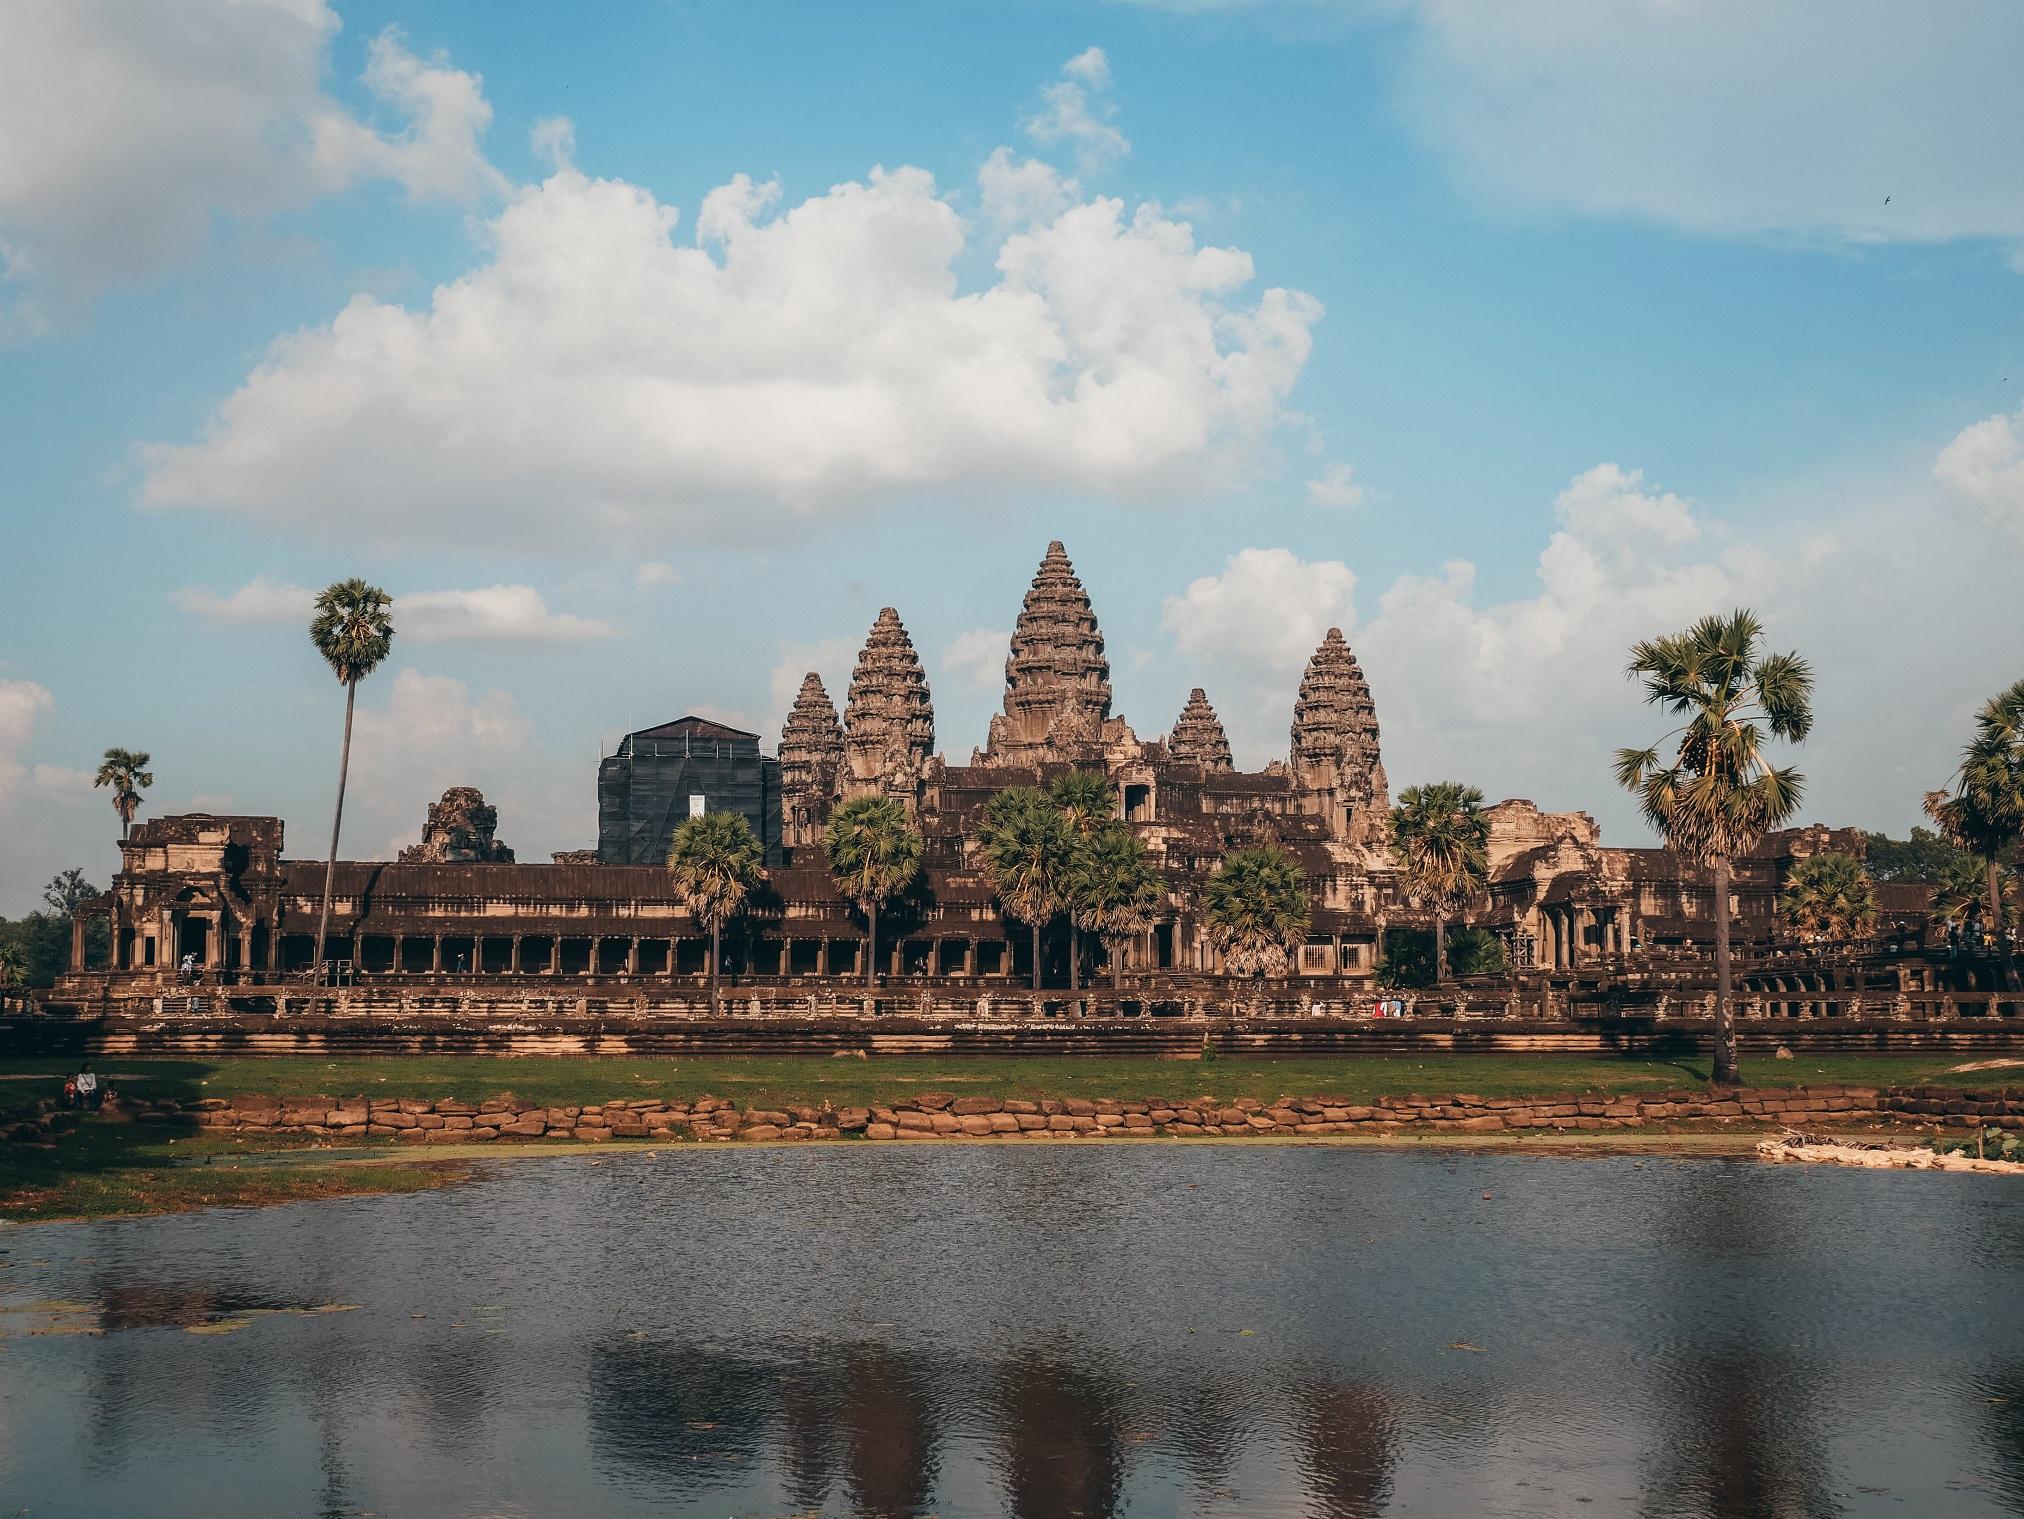 vistas del templo de Angkor Wat en Siam Reap